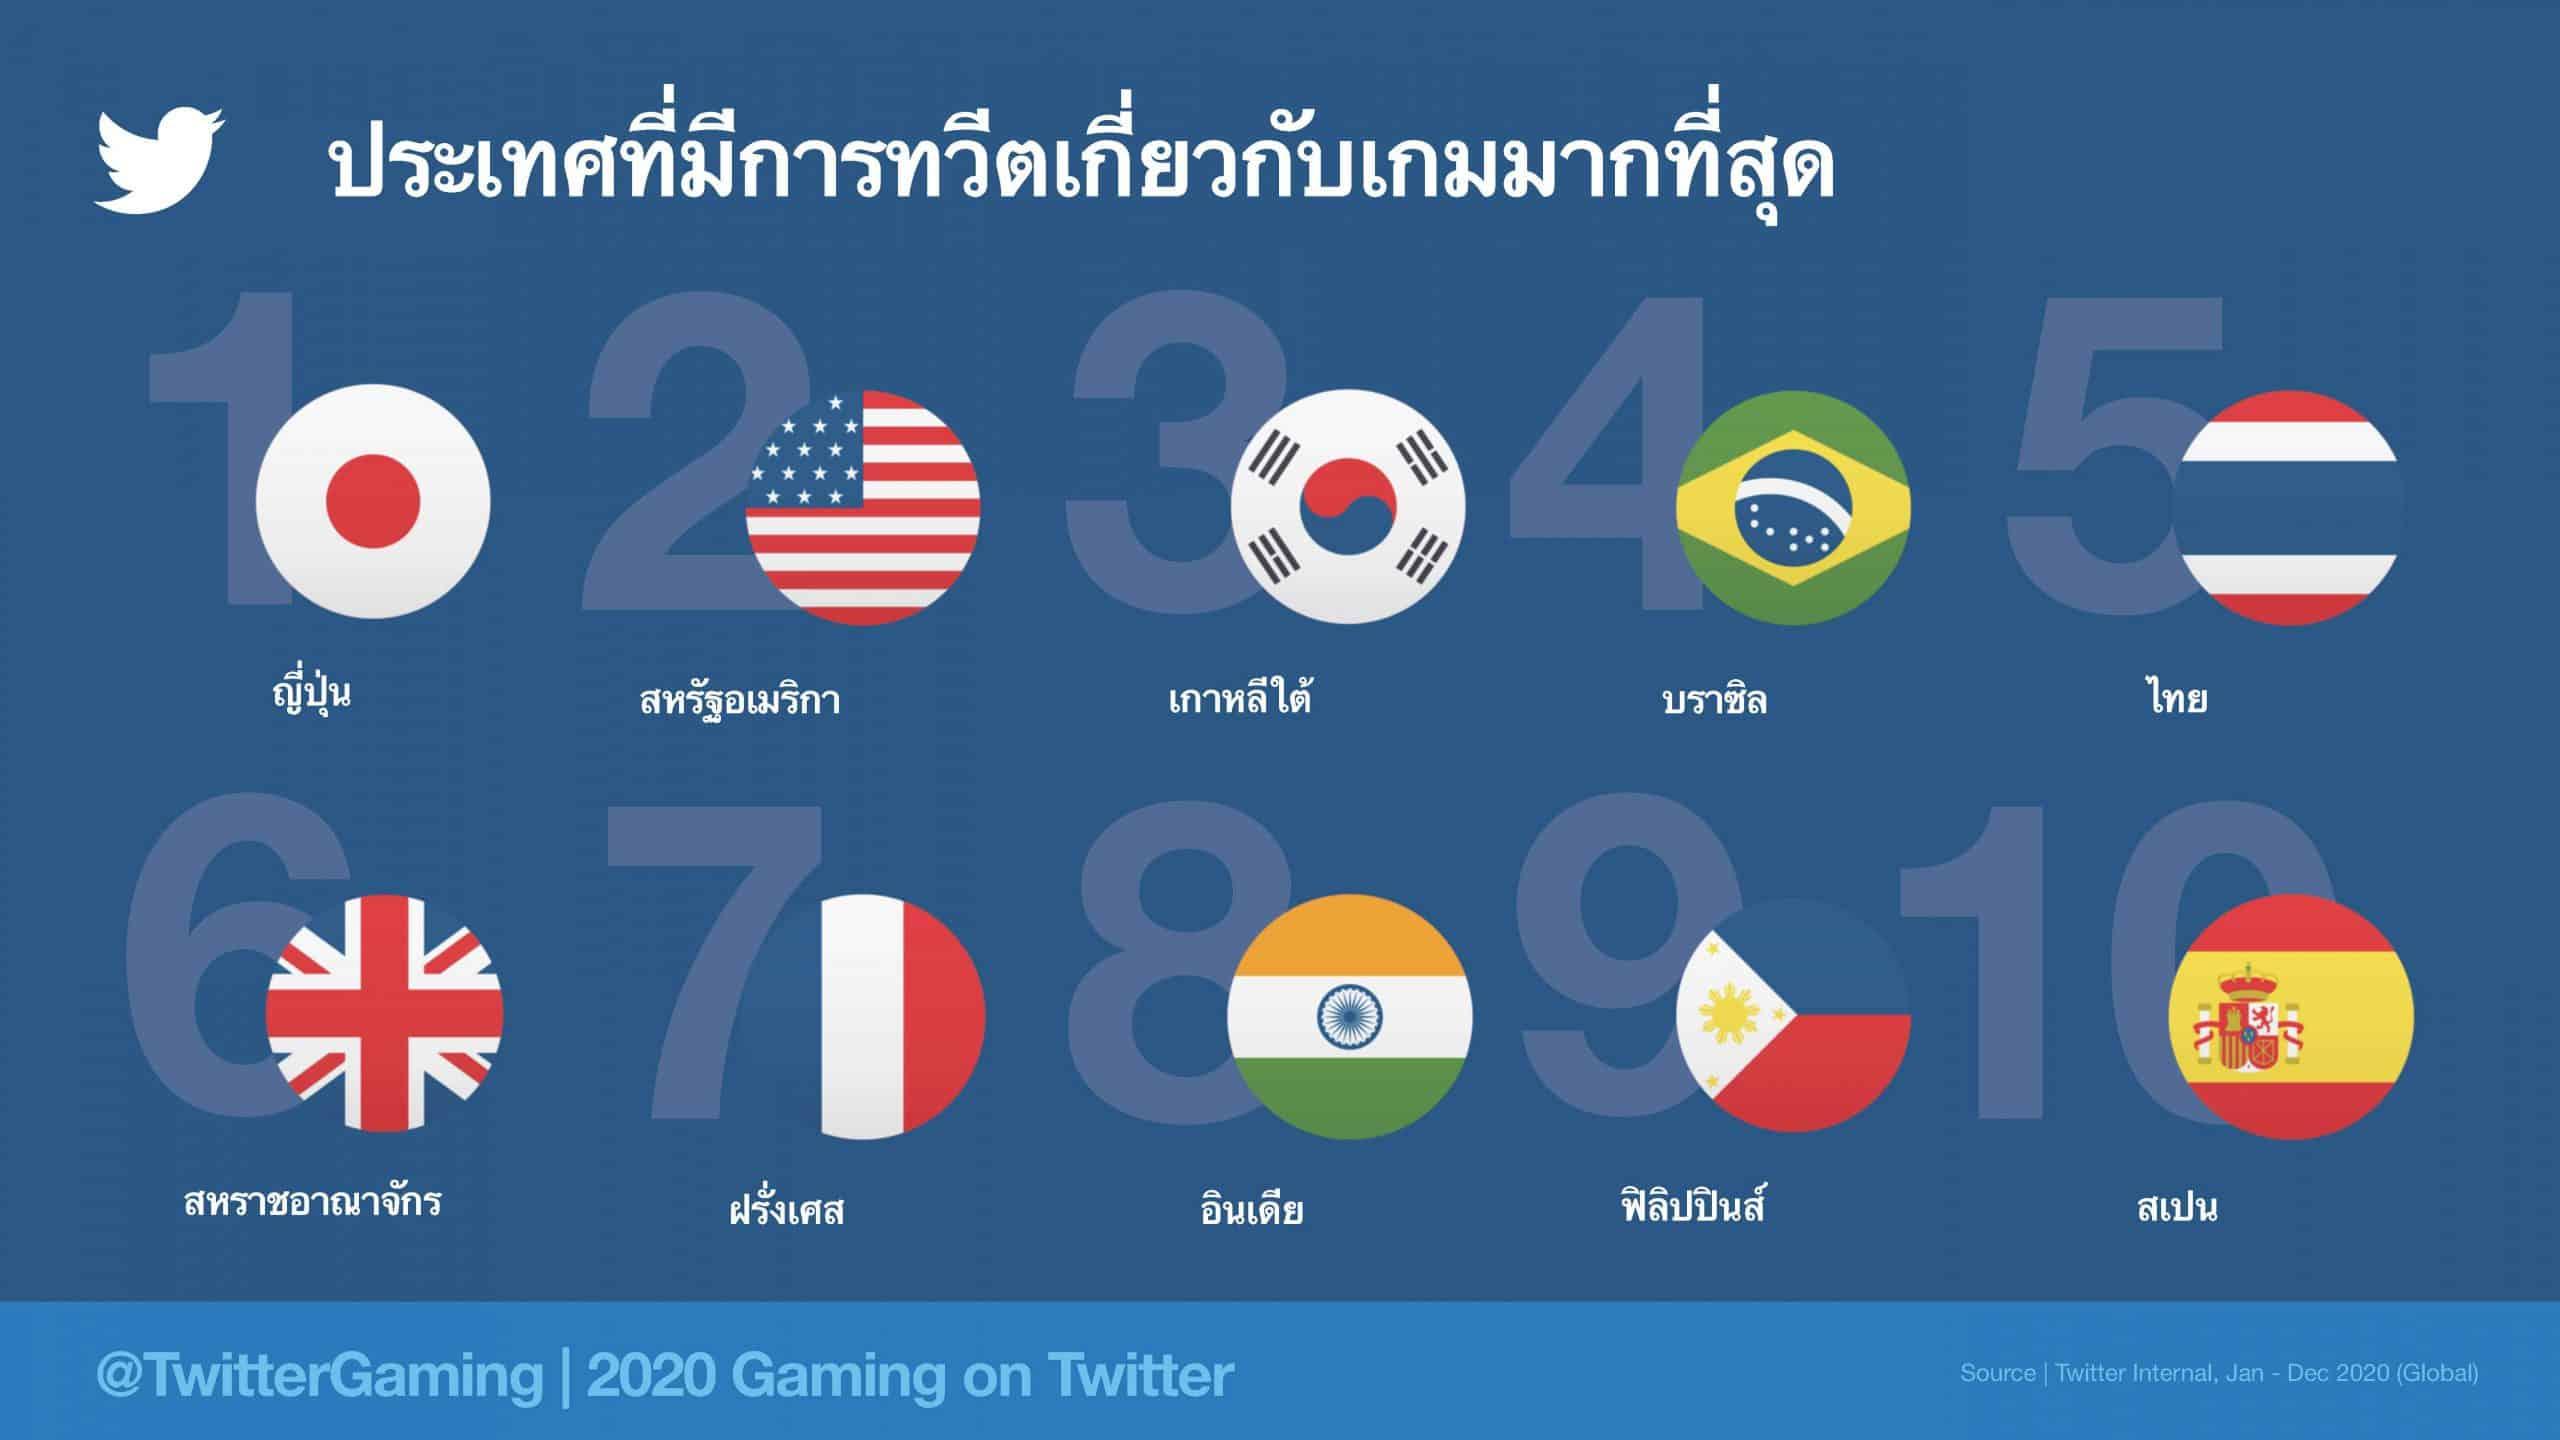 Insight กลุ่ม Gamer บน Twitter ที่นักการตลาดต้องรู้ และไทยติด Top 5